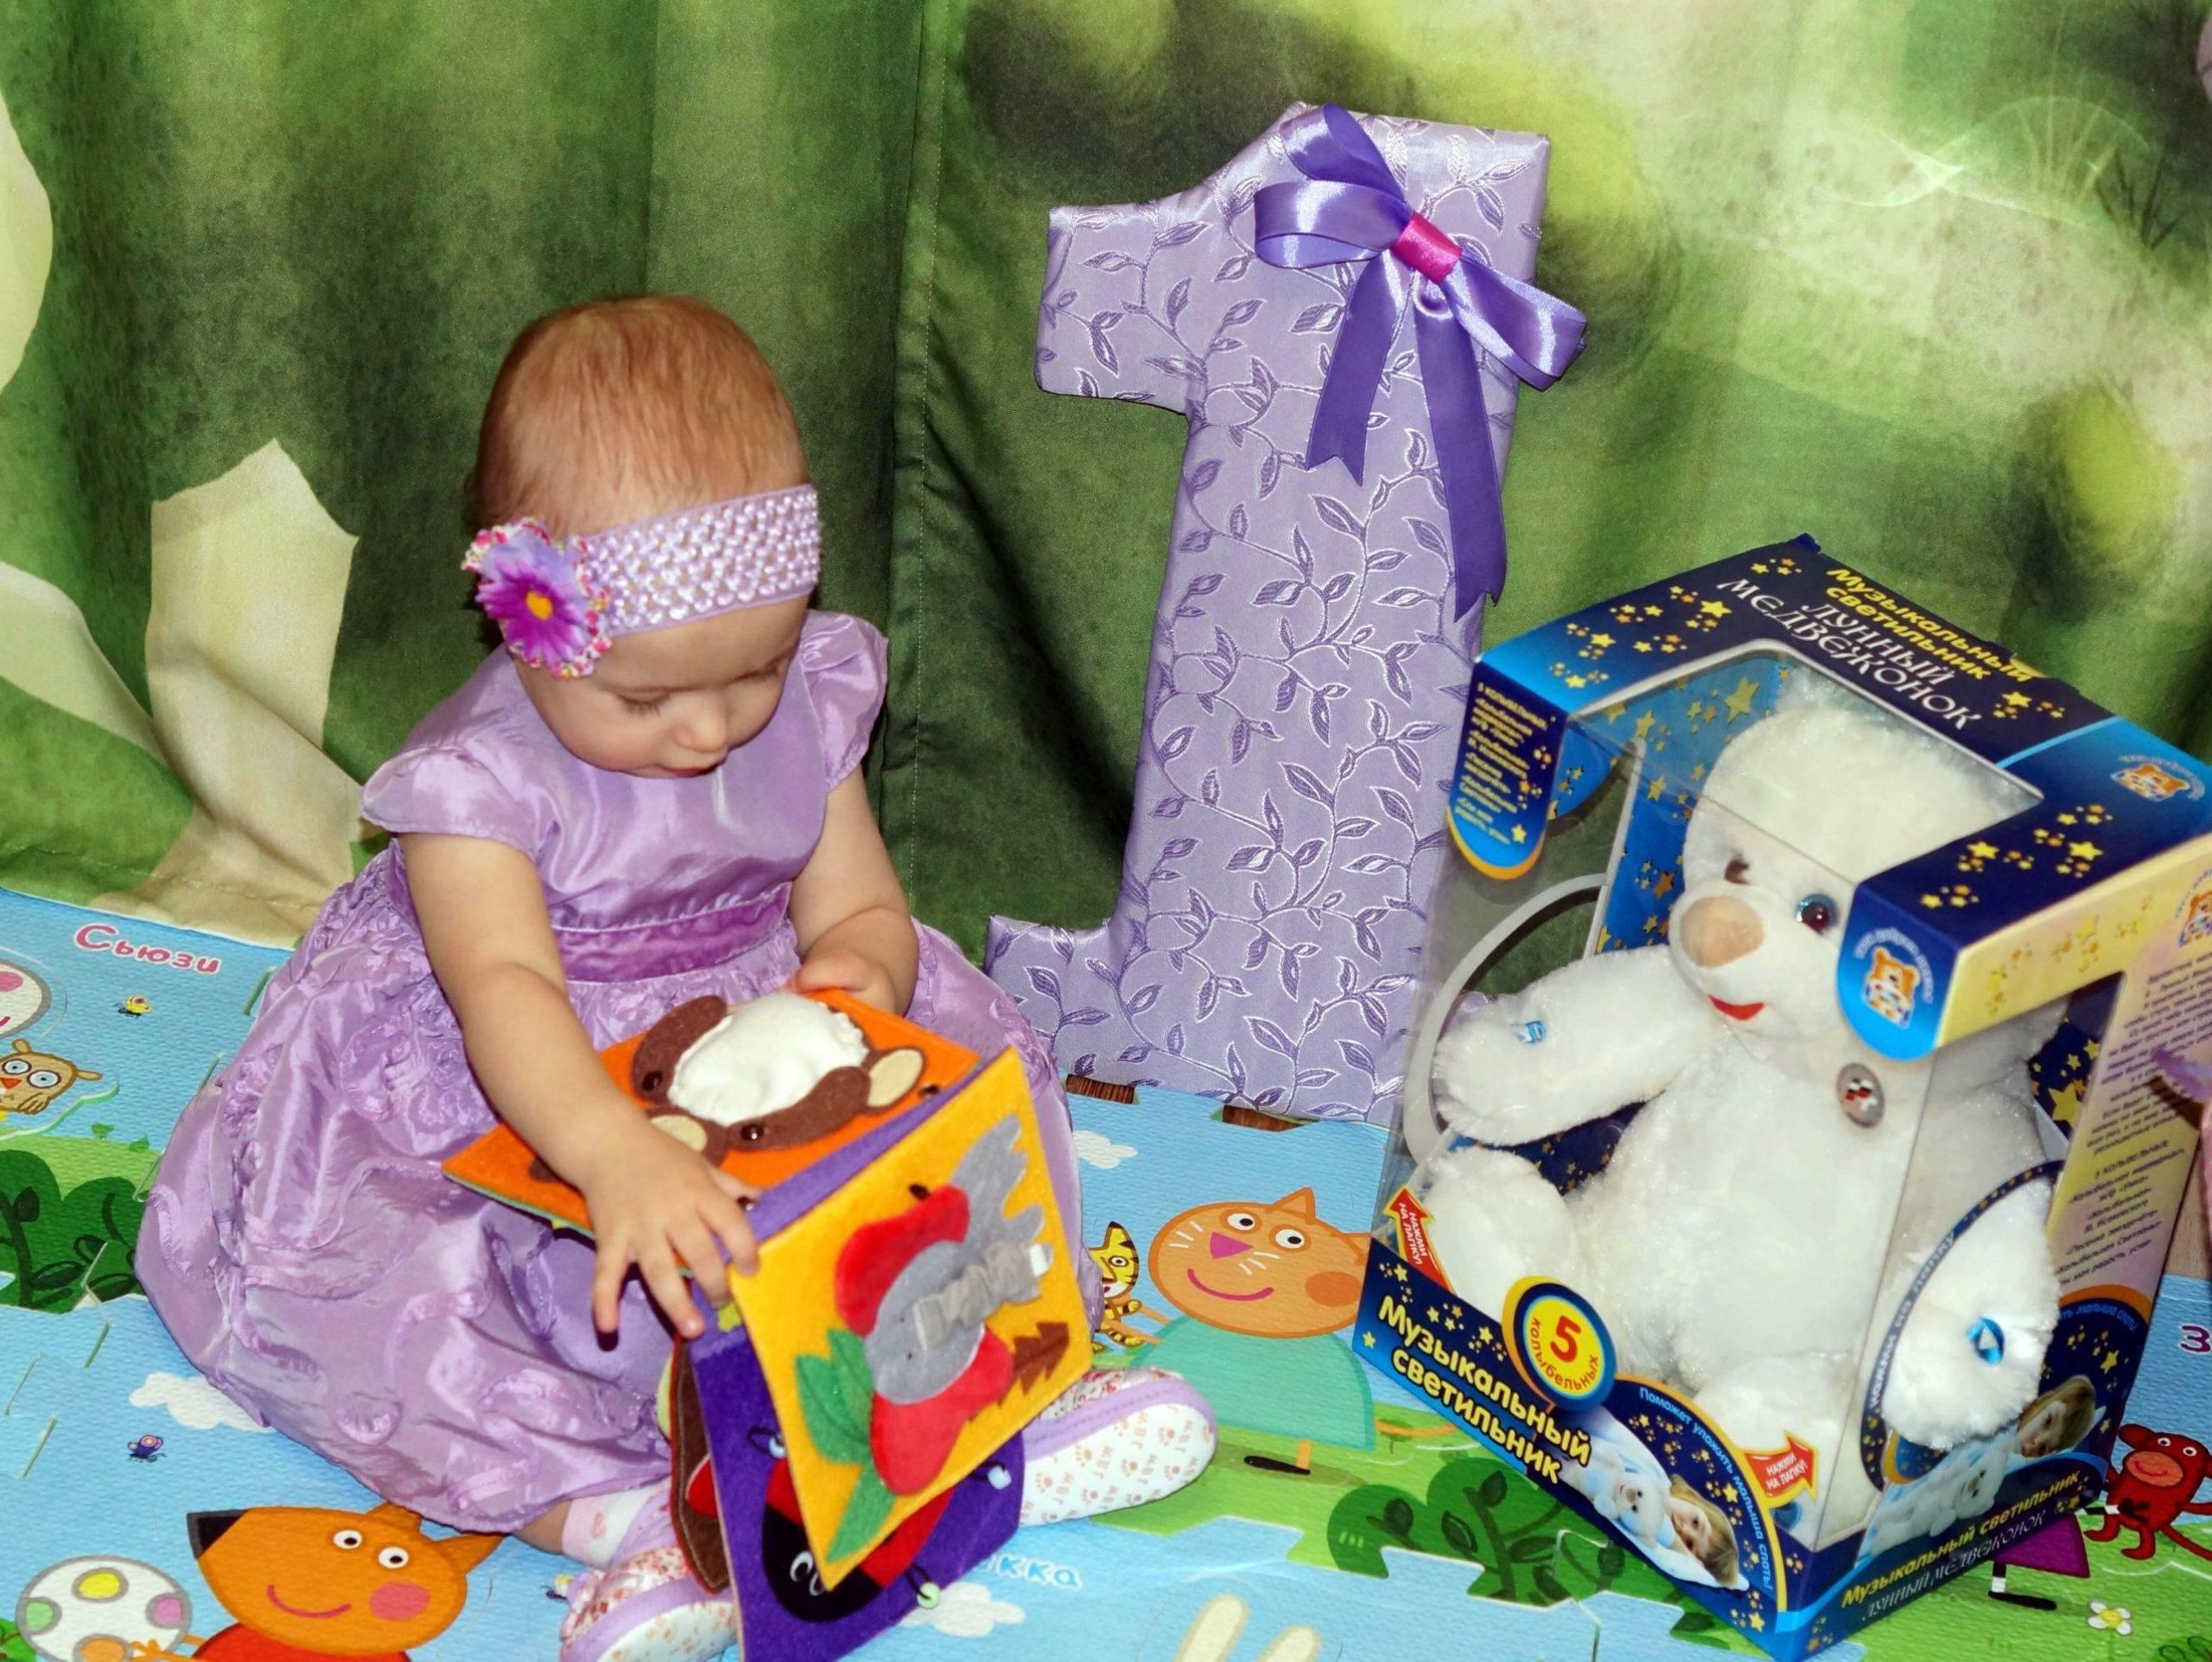 Лучший подарок на 1 год девочке: идеи полезных, развивающих, памятных подарков малышке